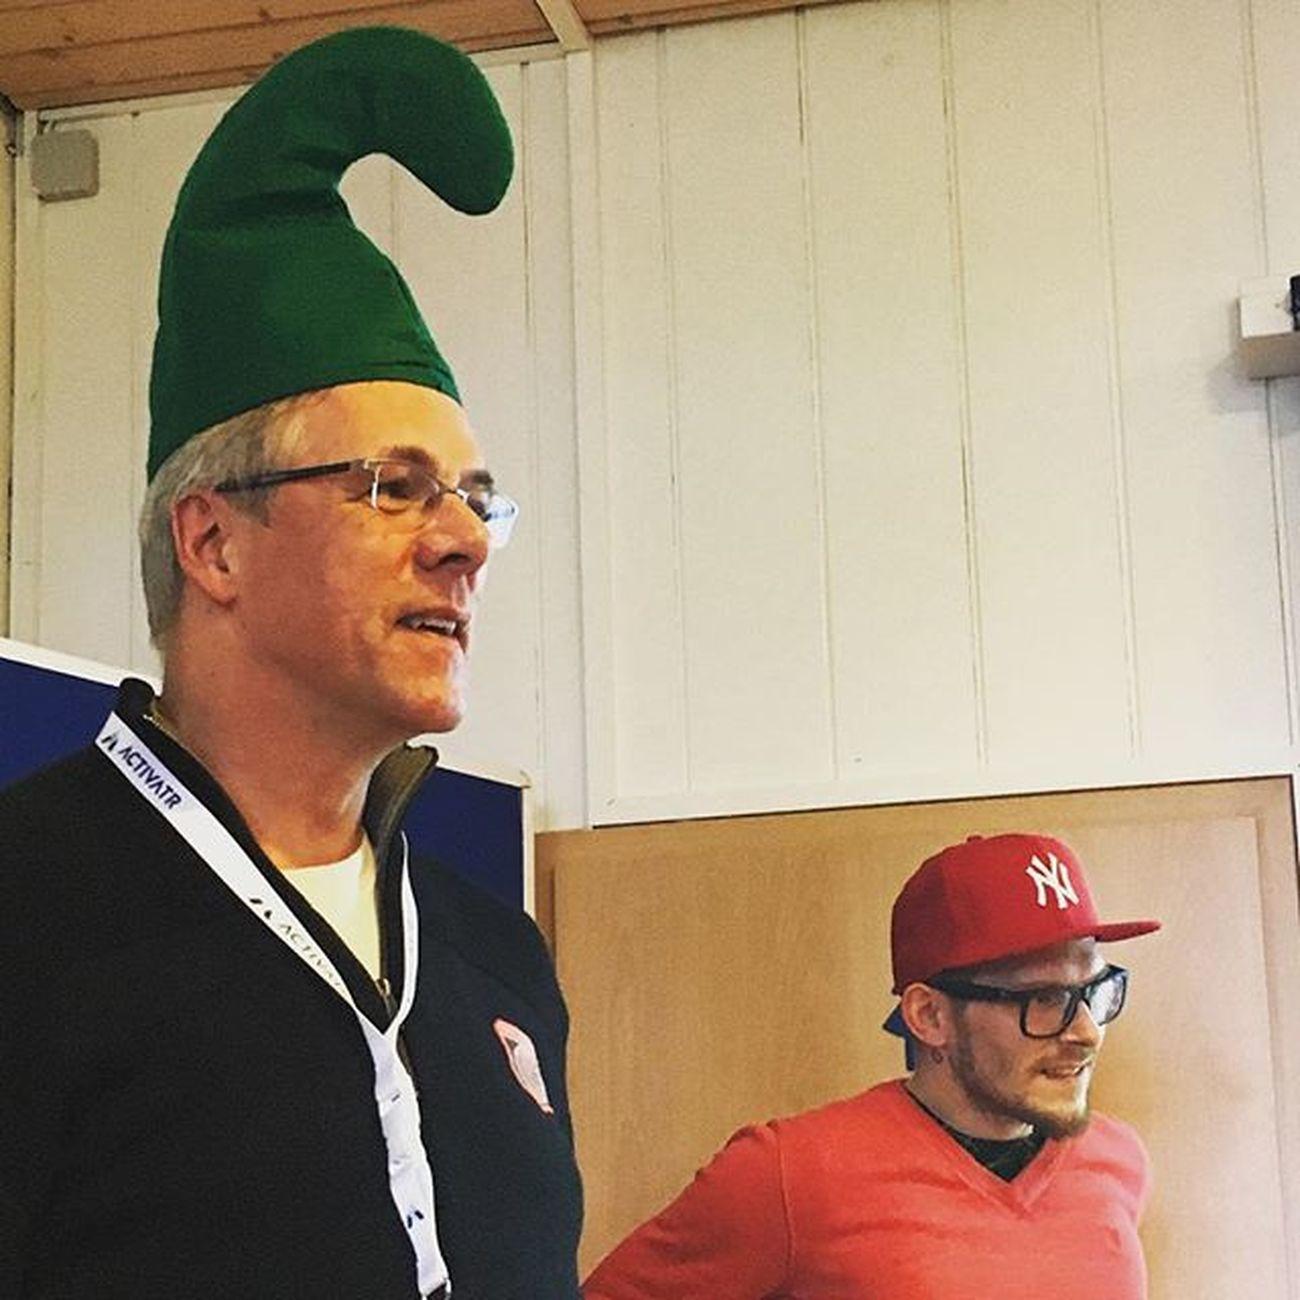 Kappenabend by rockstar adrian 😋😎👍 greenhead isch der coole winfried Activatr Stuwhat